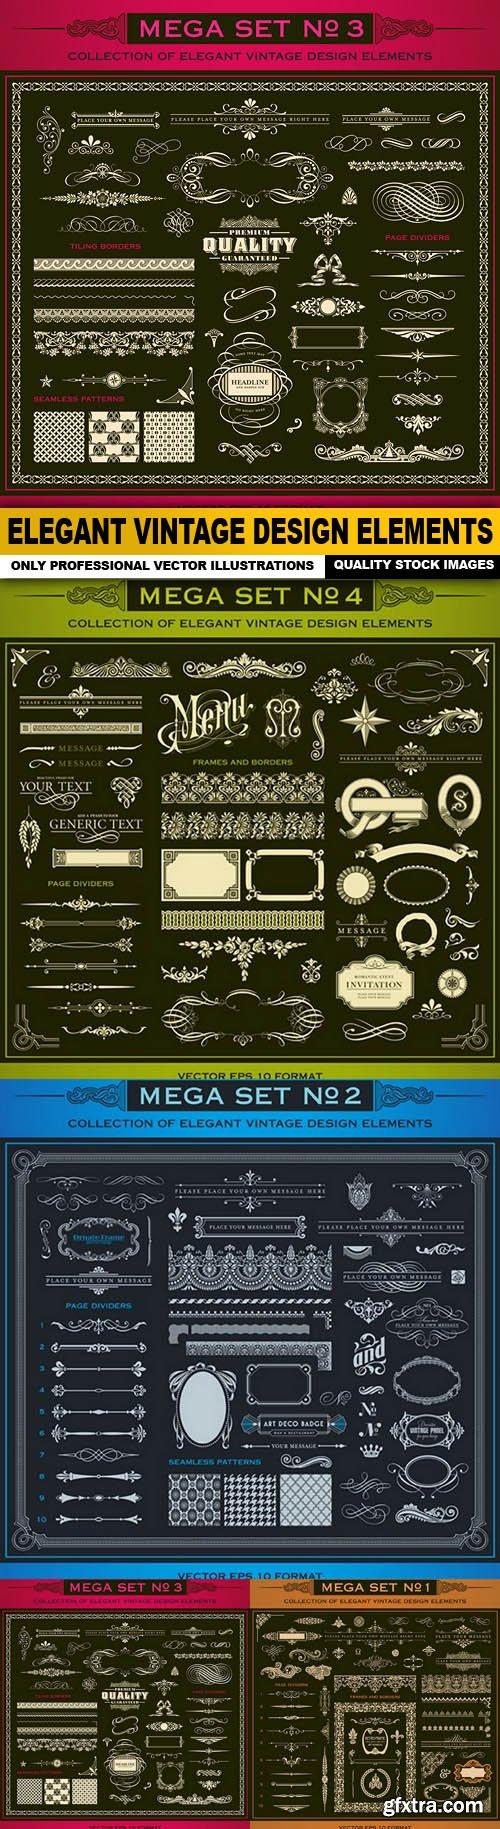 Elegant Vintage Design Elements - 4 Vector